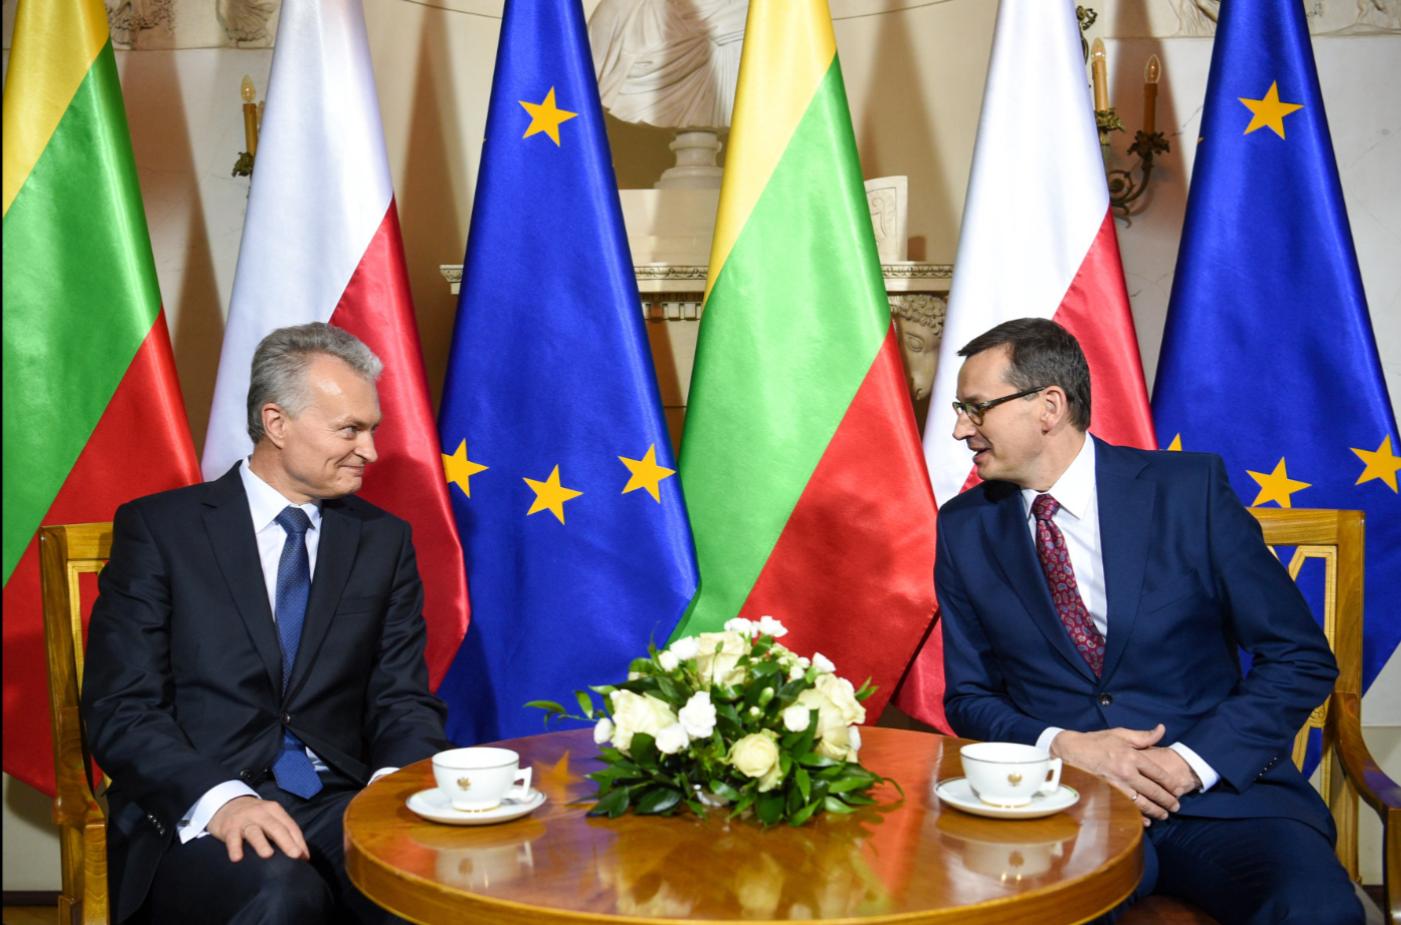 Prezidento susitikime su Lenkijos Ministru Pirmininku aptarta Europos Sąjungos darbotvarkė